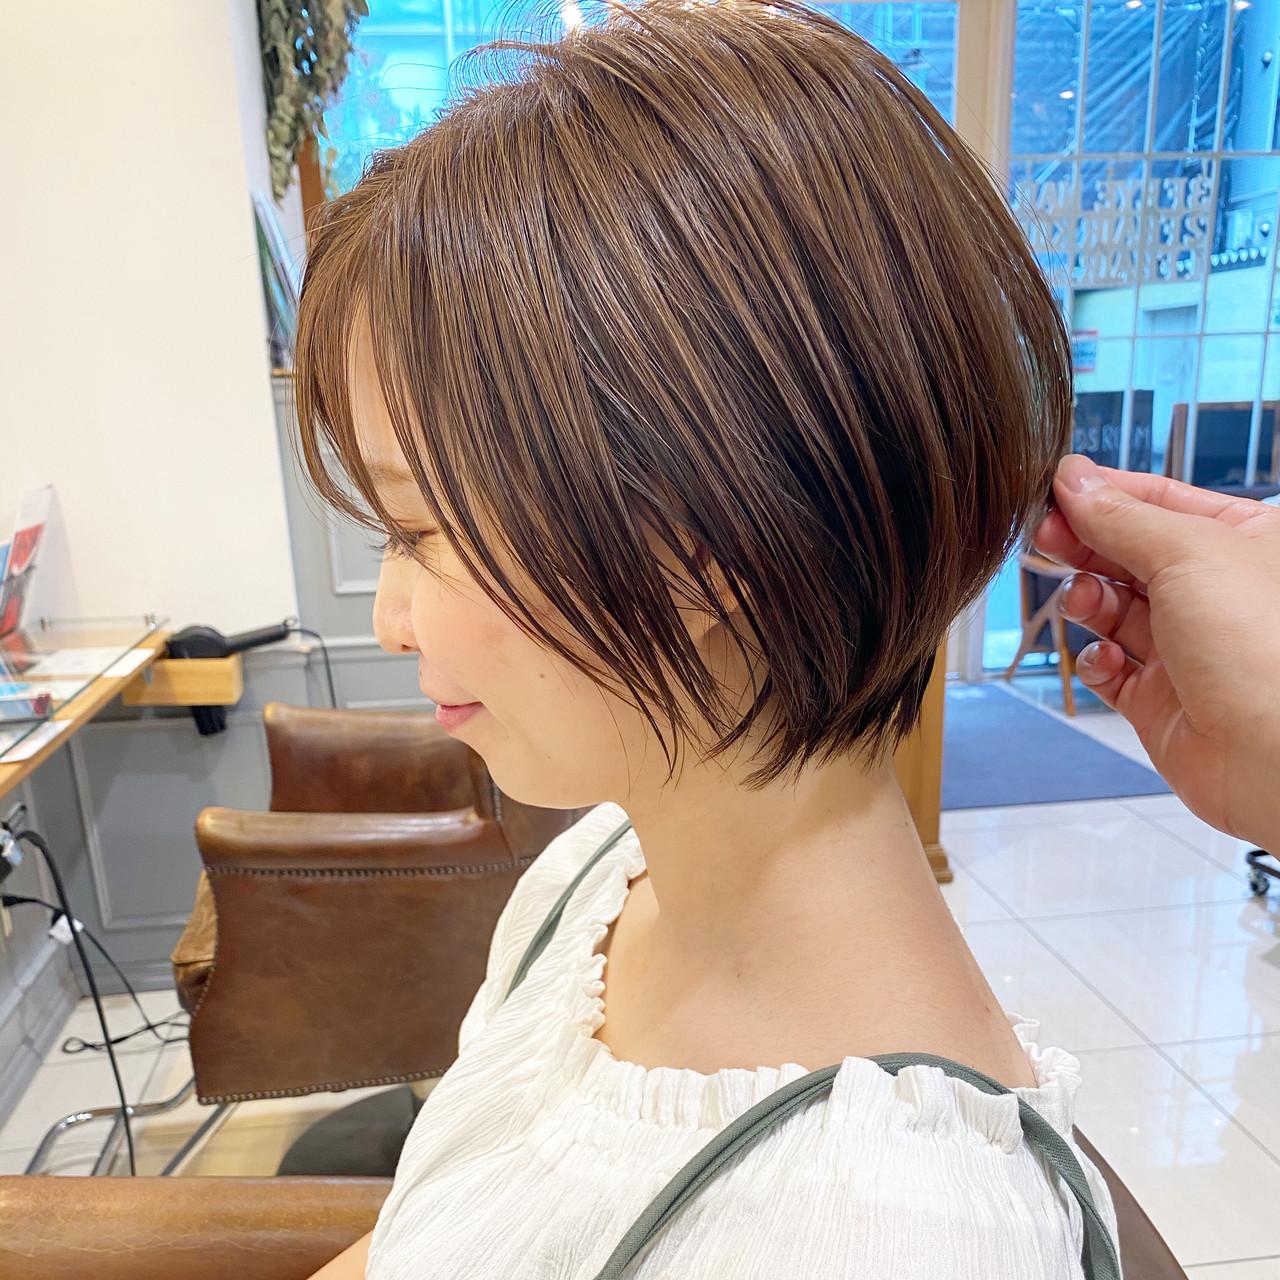 ミニボブ ナチュラル 切りっぱなしボブ ベリーショート ヘアスタイルや髪型の写真・画像 | カネコミキヒロ / Neolive aim 横浜西口店